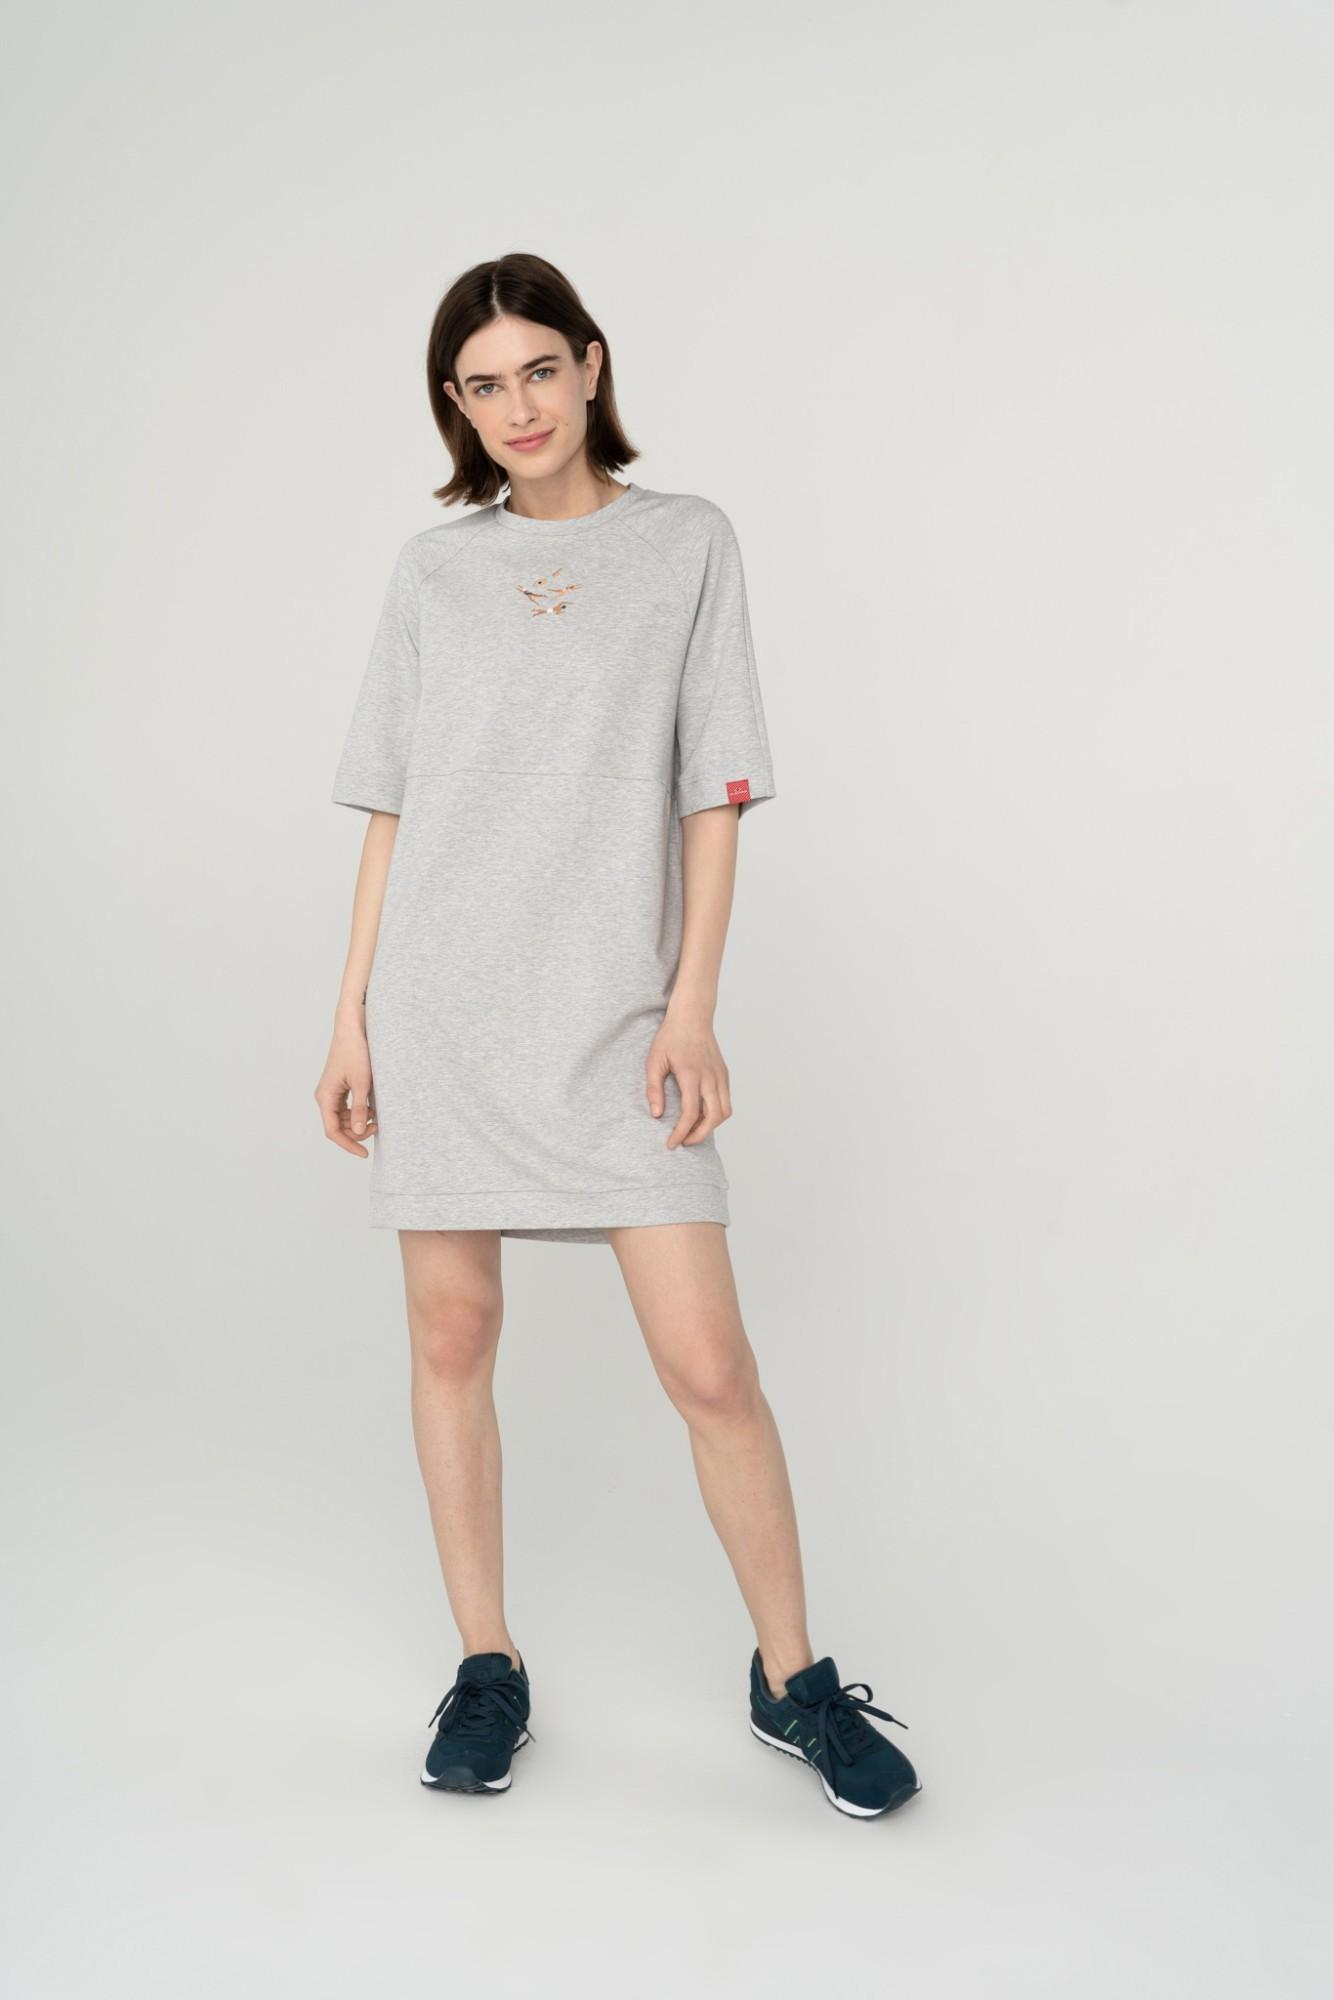 AUDIMAS Švelni modalo suknelė 2111-007 High Rise Melange L